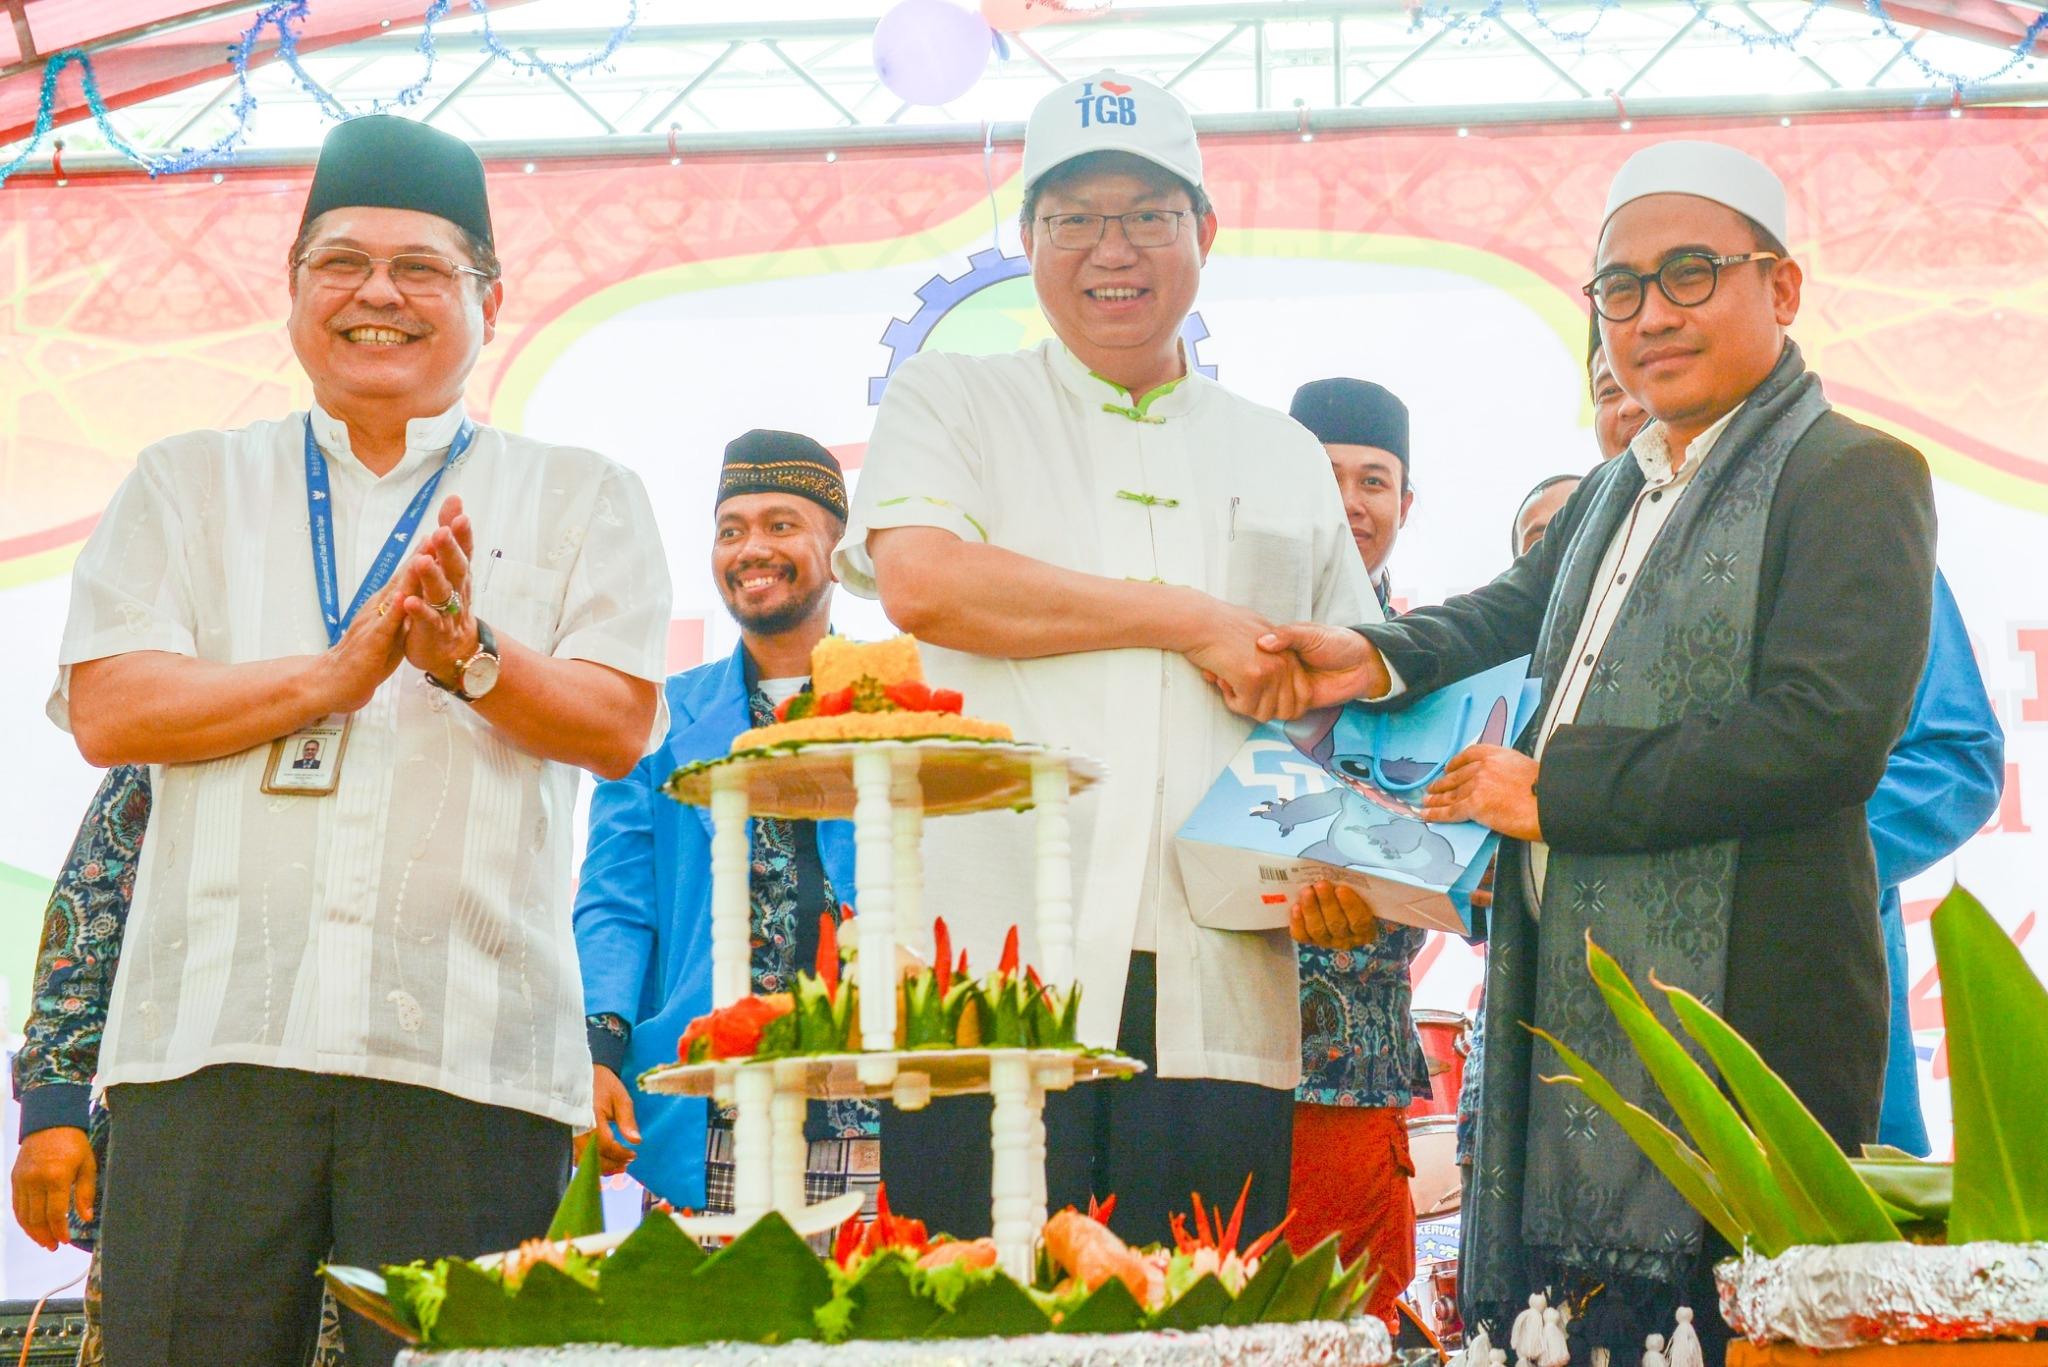 台灣穆斯林聯合會齋戒月祈福活動 鄭市長:支持印尼文化活動,盼桃園印尼關係更加緊密